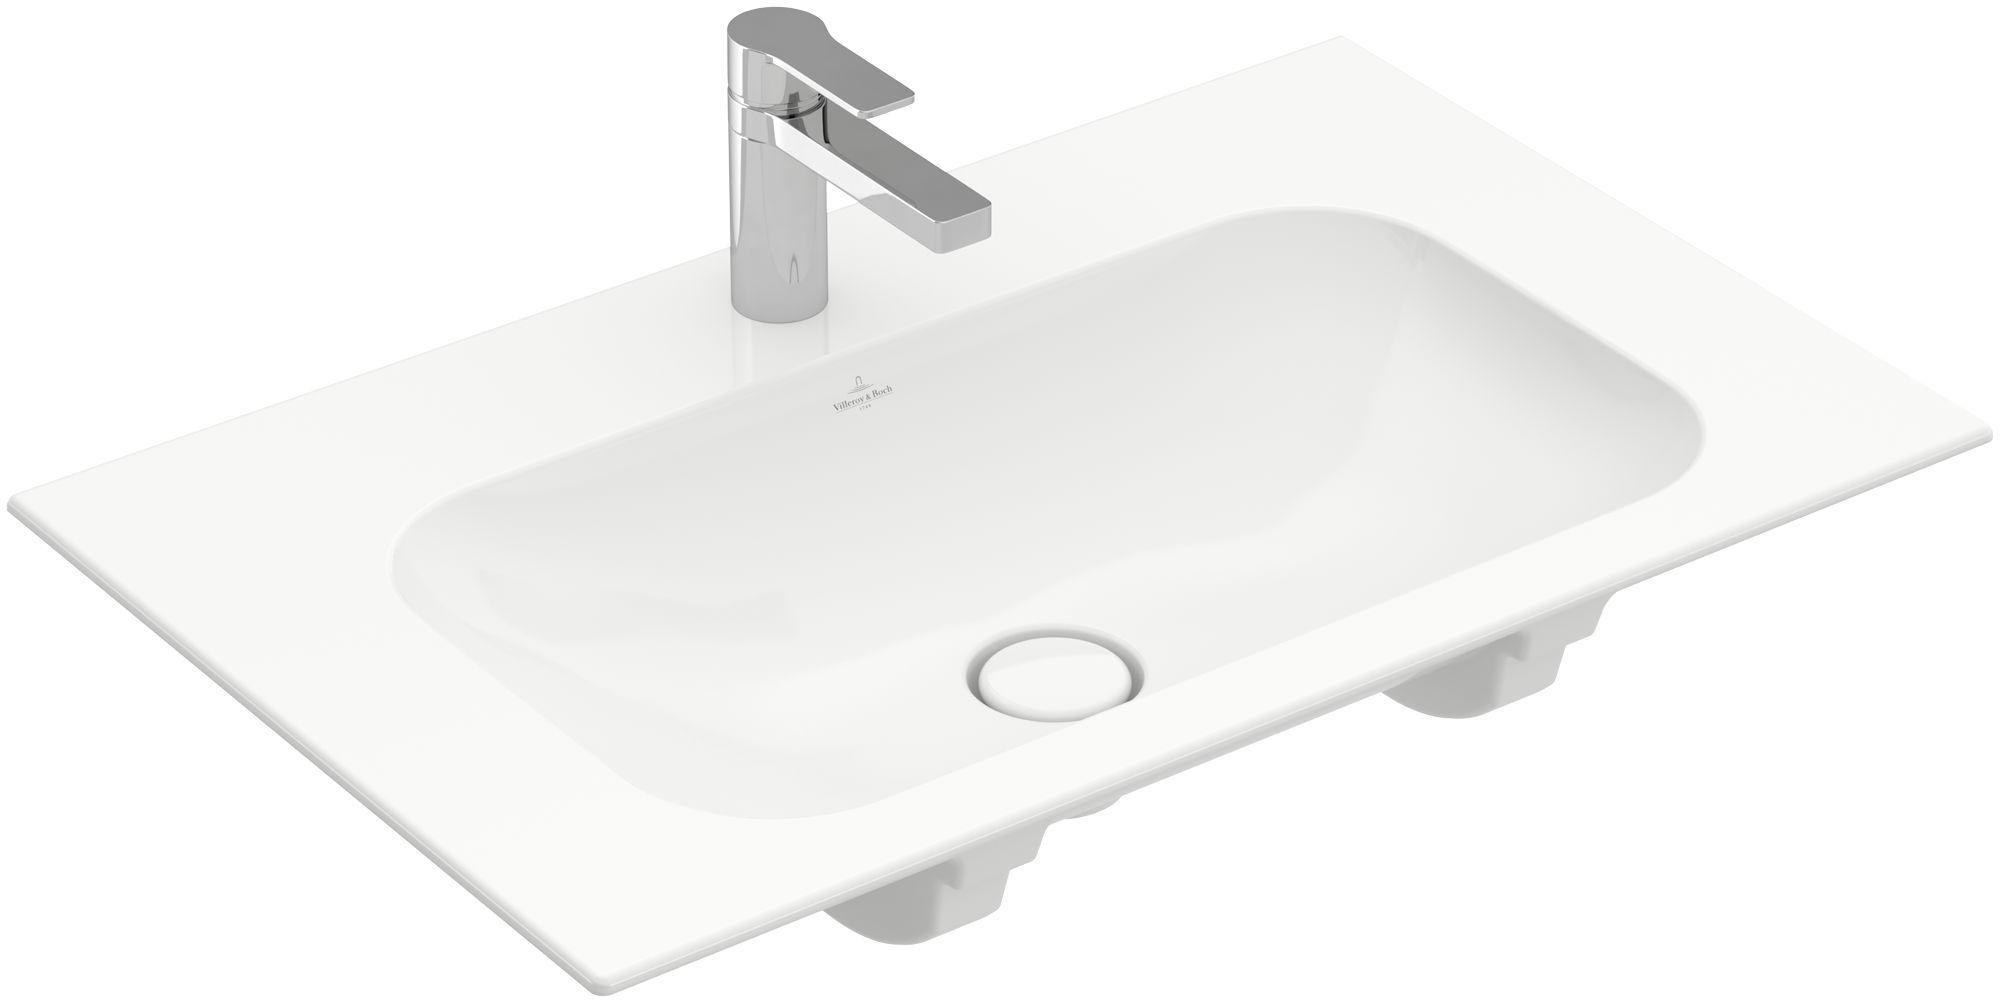 Villeroy & Boch Finion Schrankwaschtisch ohne Überlauf 1 Hahnloch B:80xT:50cm ohne Überlauf 1 Hahnloch weiß Ceramicplus 416481R1